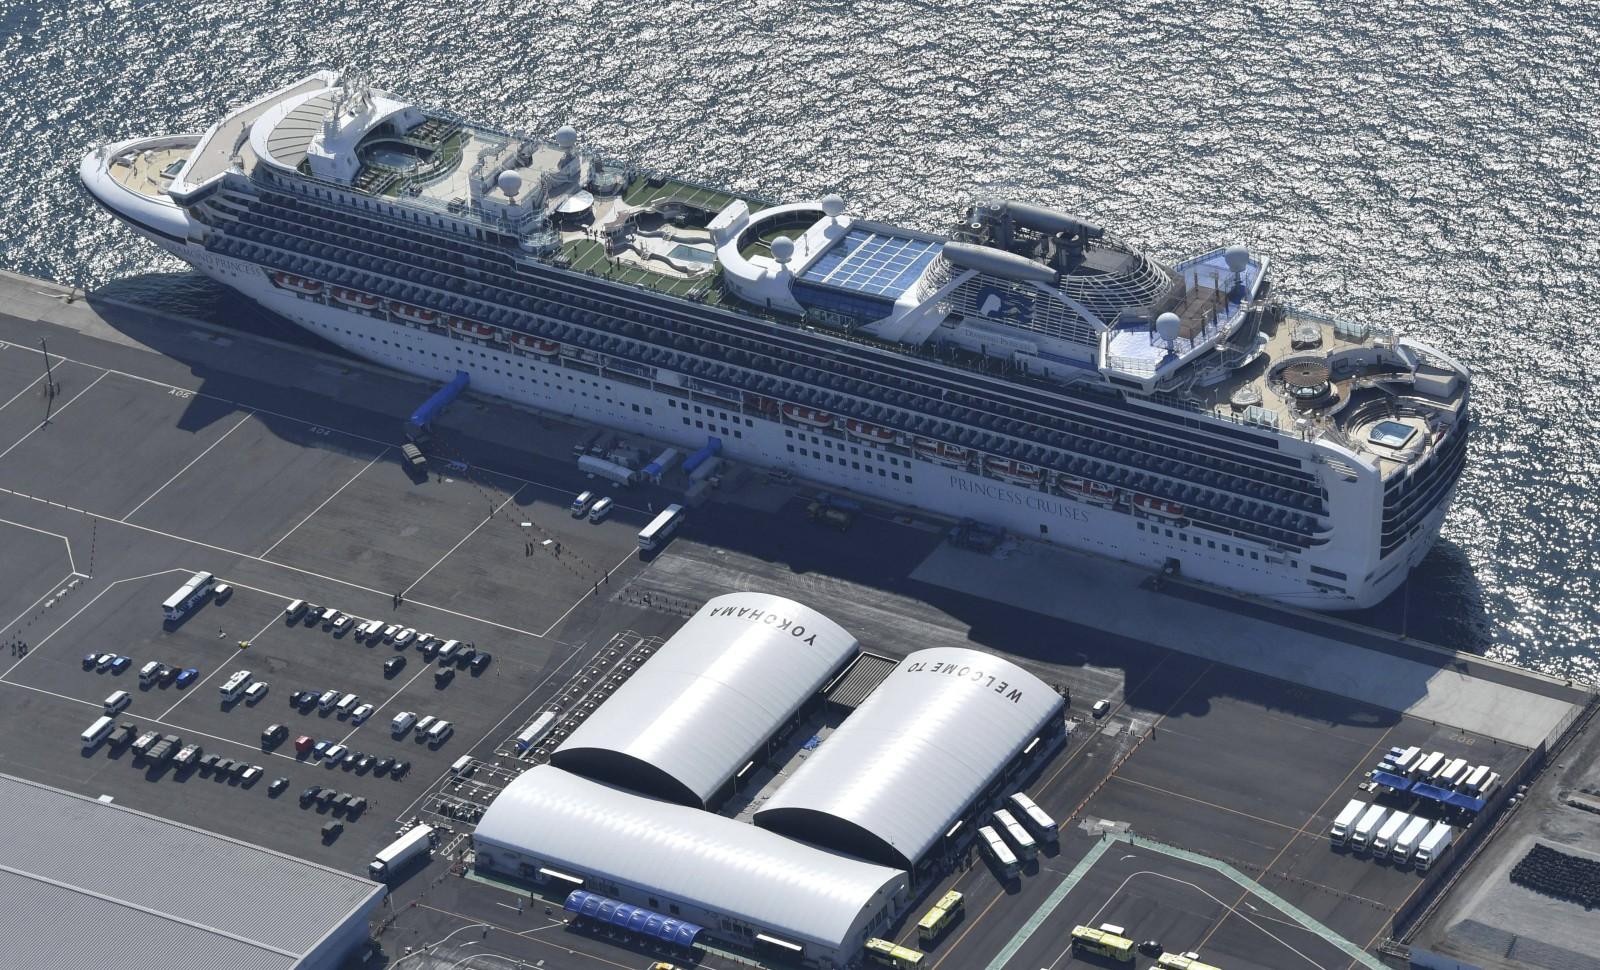 Vue aérienne du Diamond Princess dans le port de Yokohama, le 21 février 2020 © Masahiro Sugimoto/AP/SIPA Numéro de reportage: AP22430703_000036